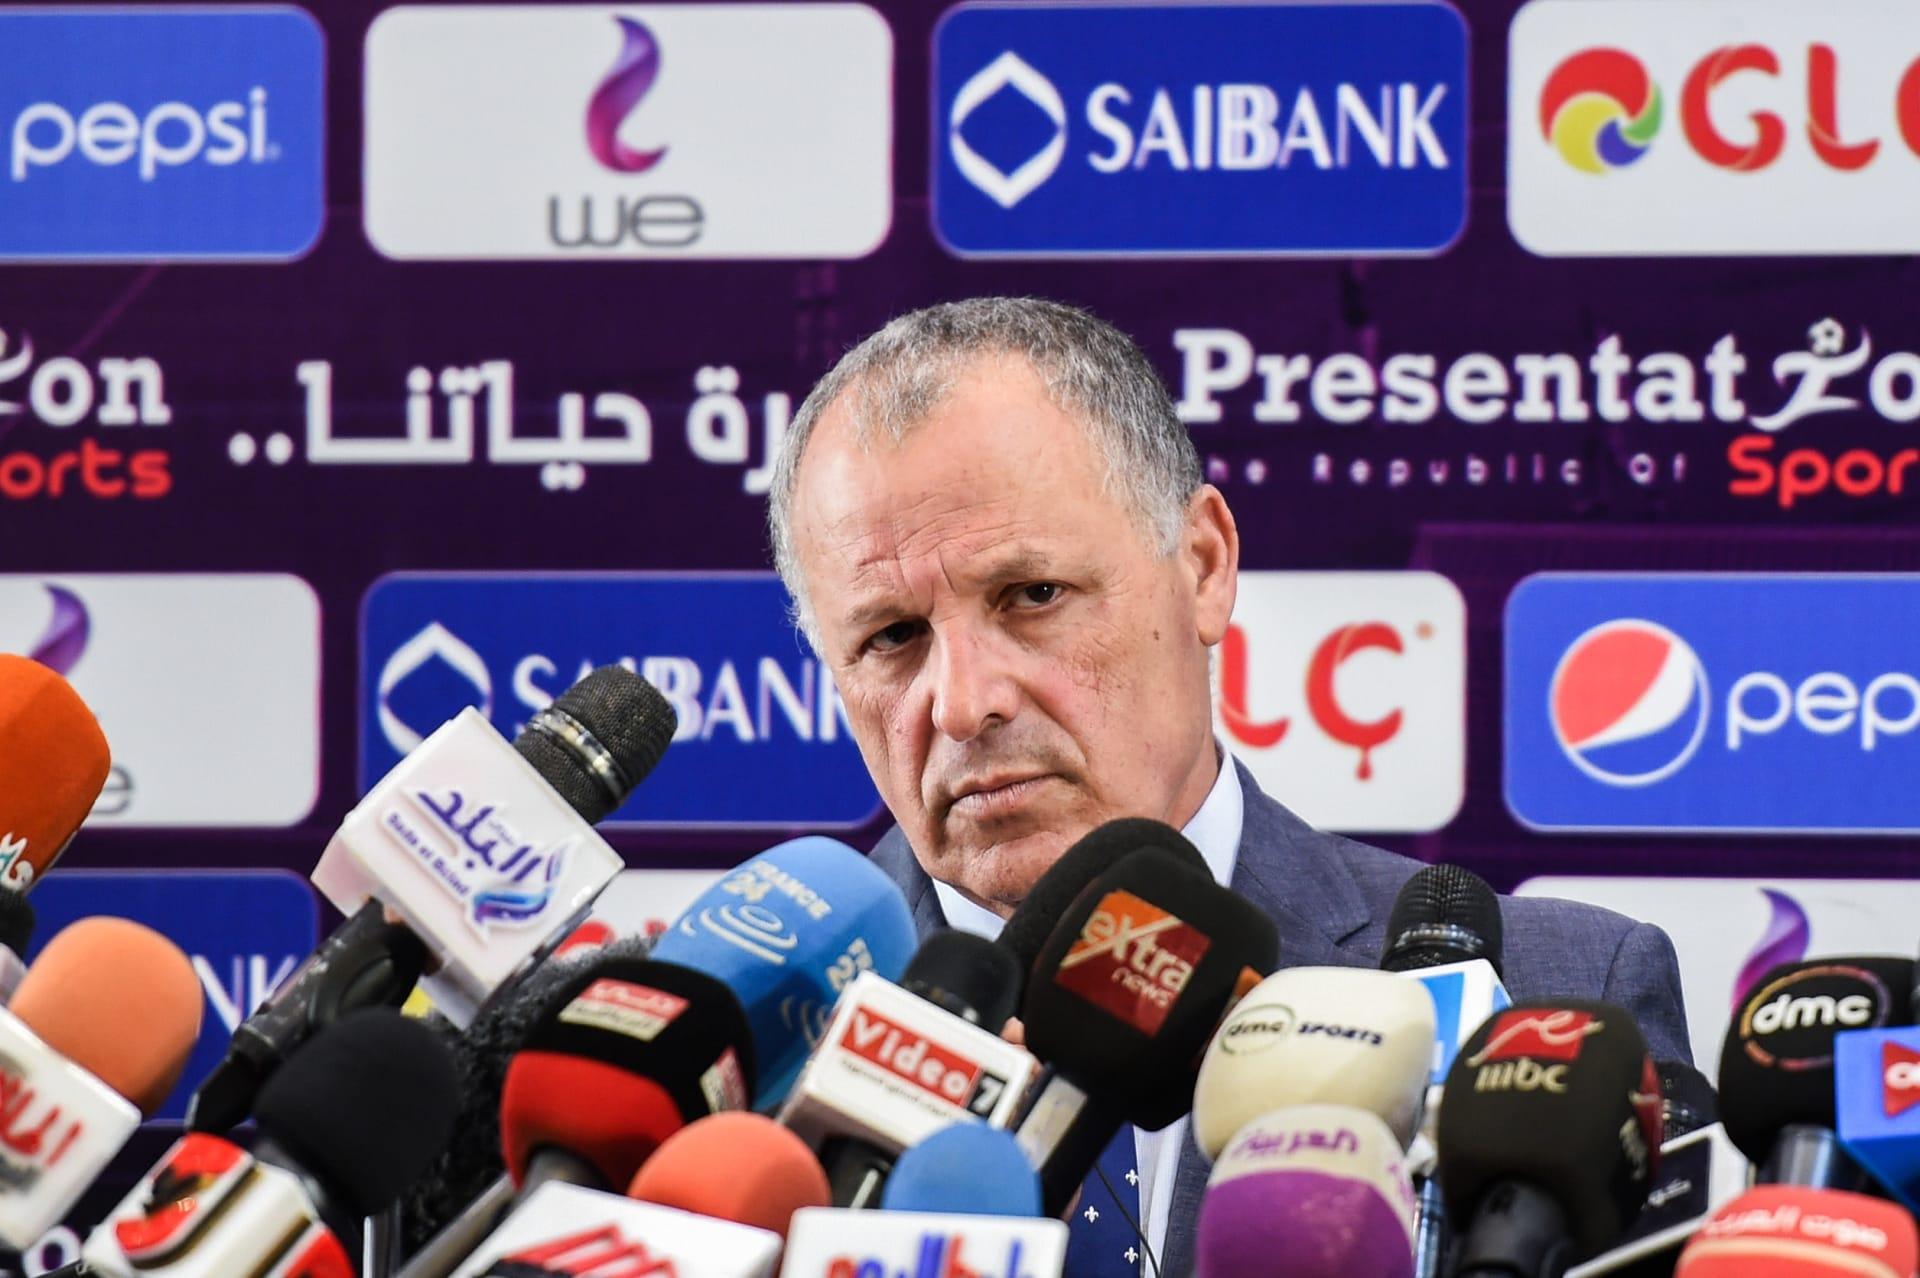 """أزمة الأهلي وبيراميدز مستمرة.. تأجيل مباريات كأس مصر لأسباب """"أمنية"""""""